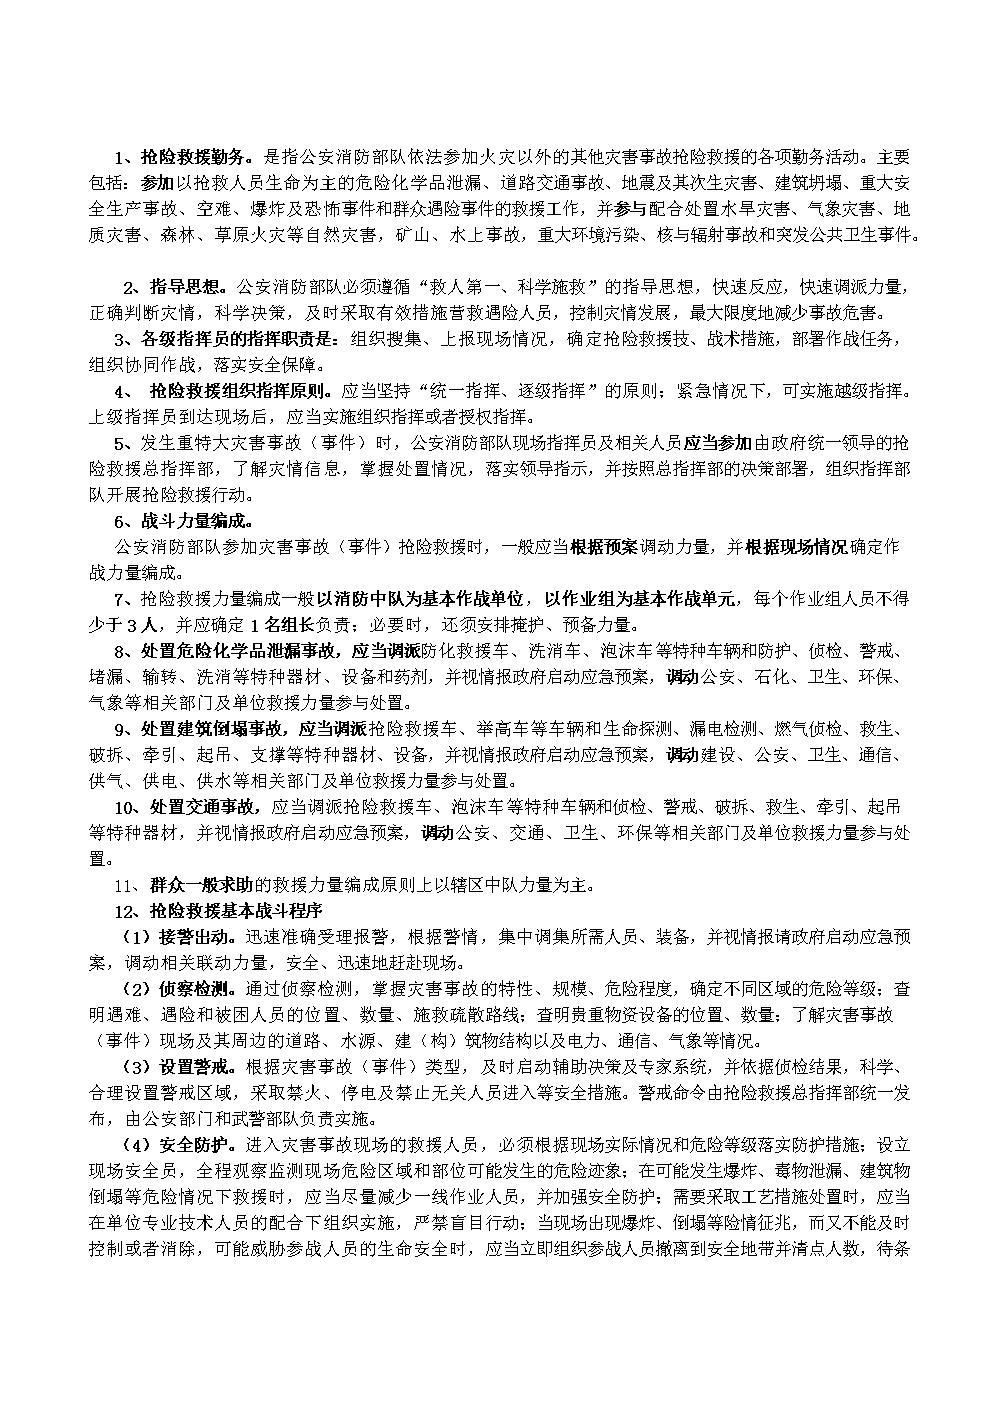 抢险复习资料.doc